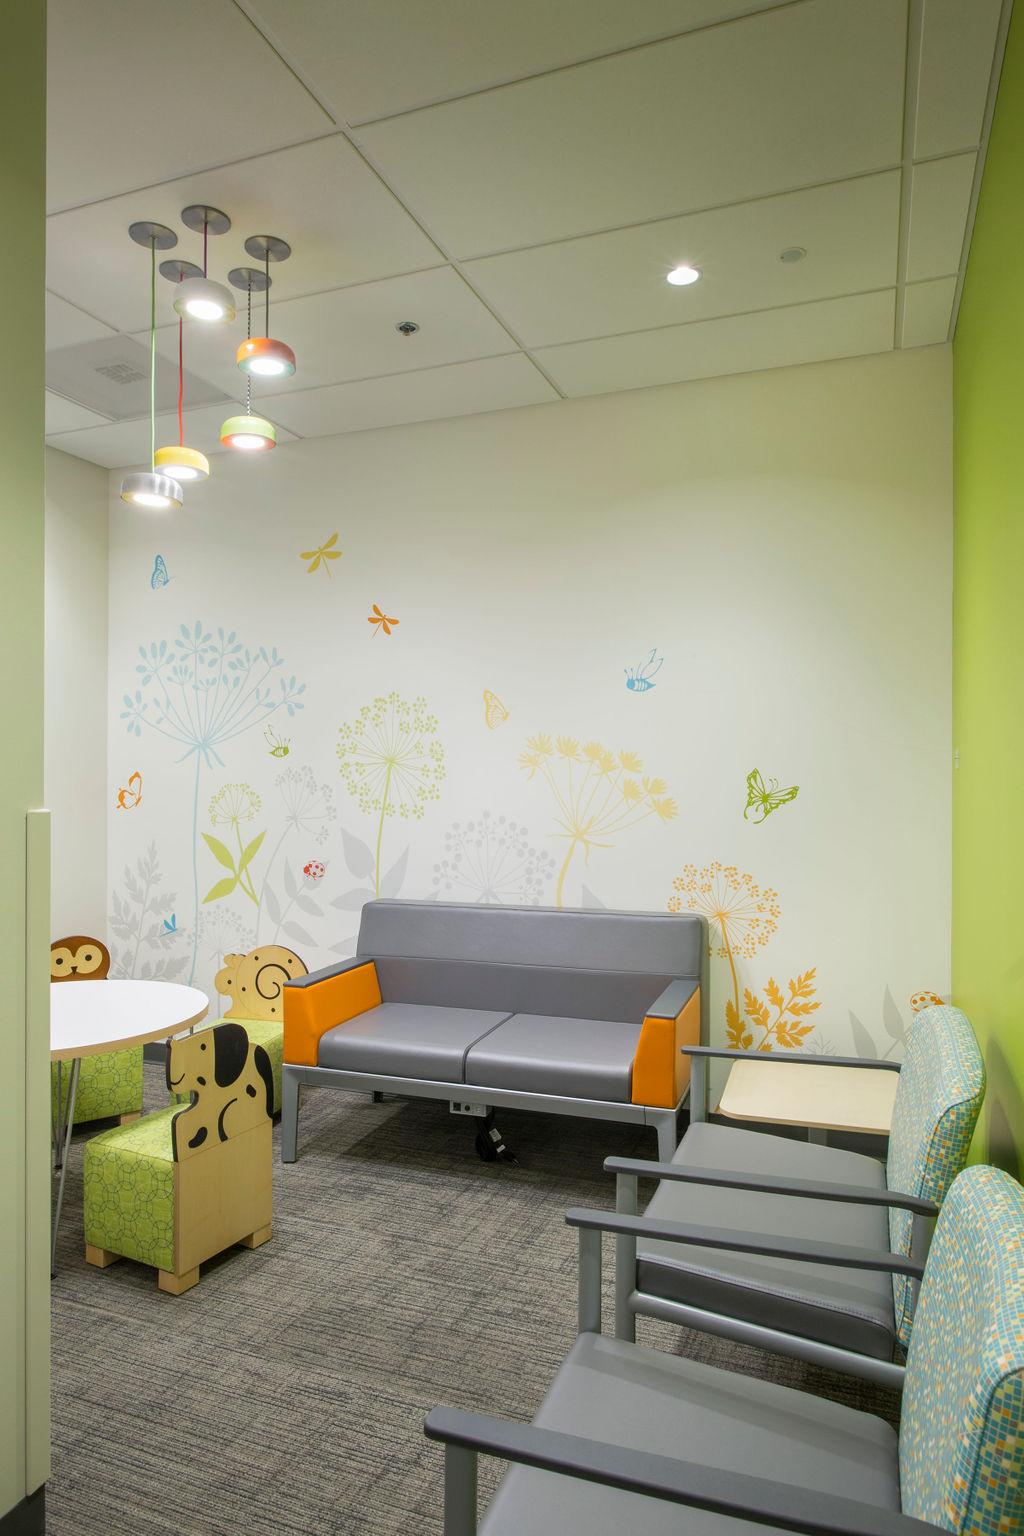 Pediatric Wallpaper Graphic Design